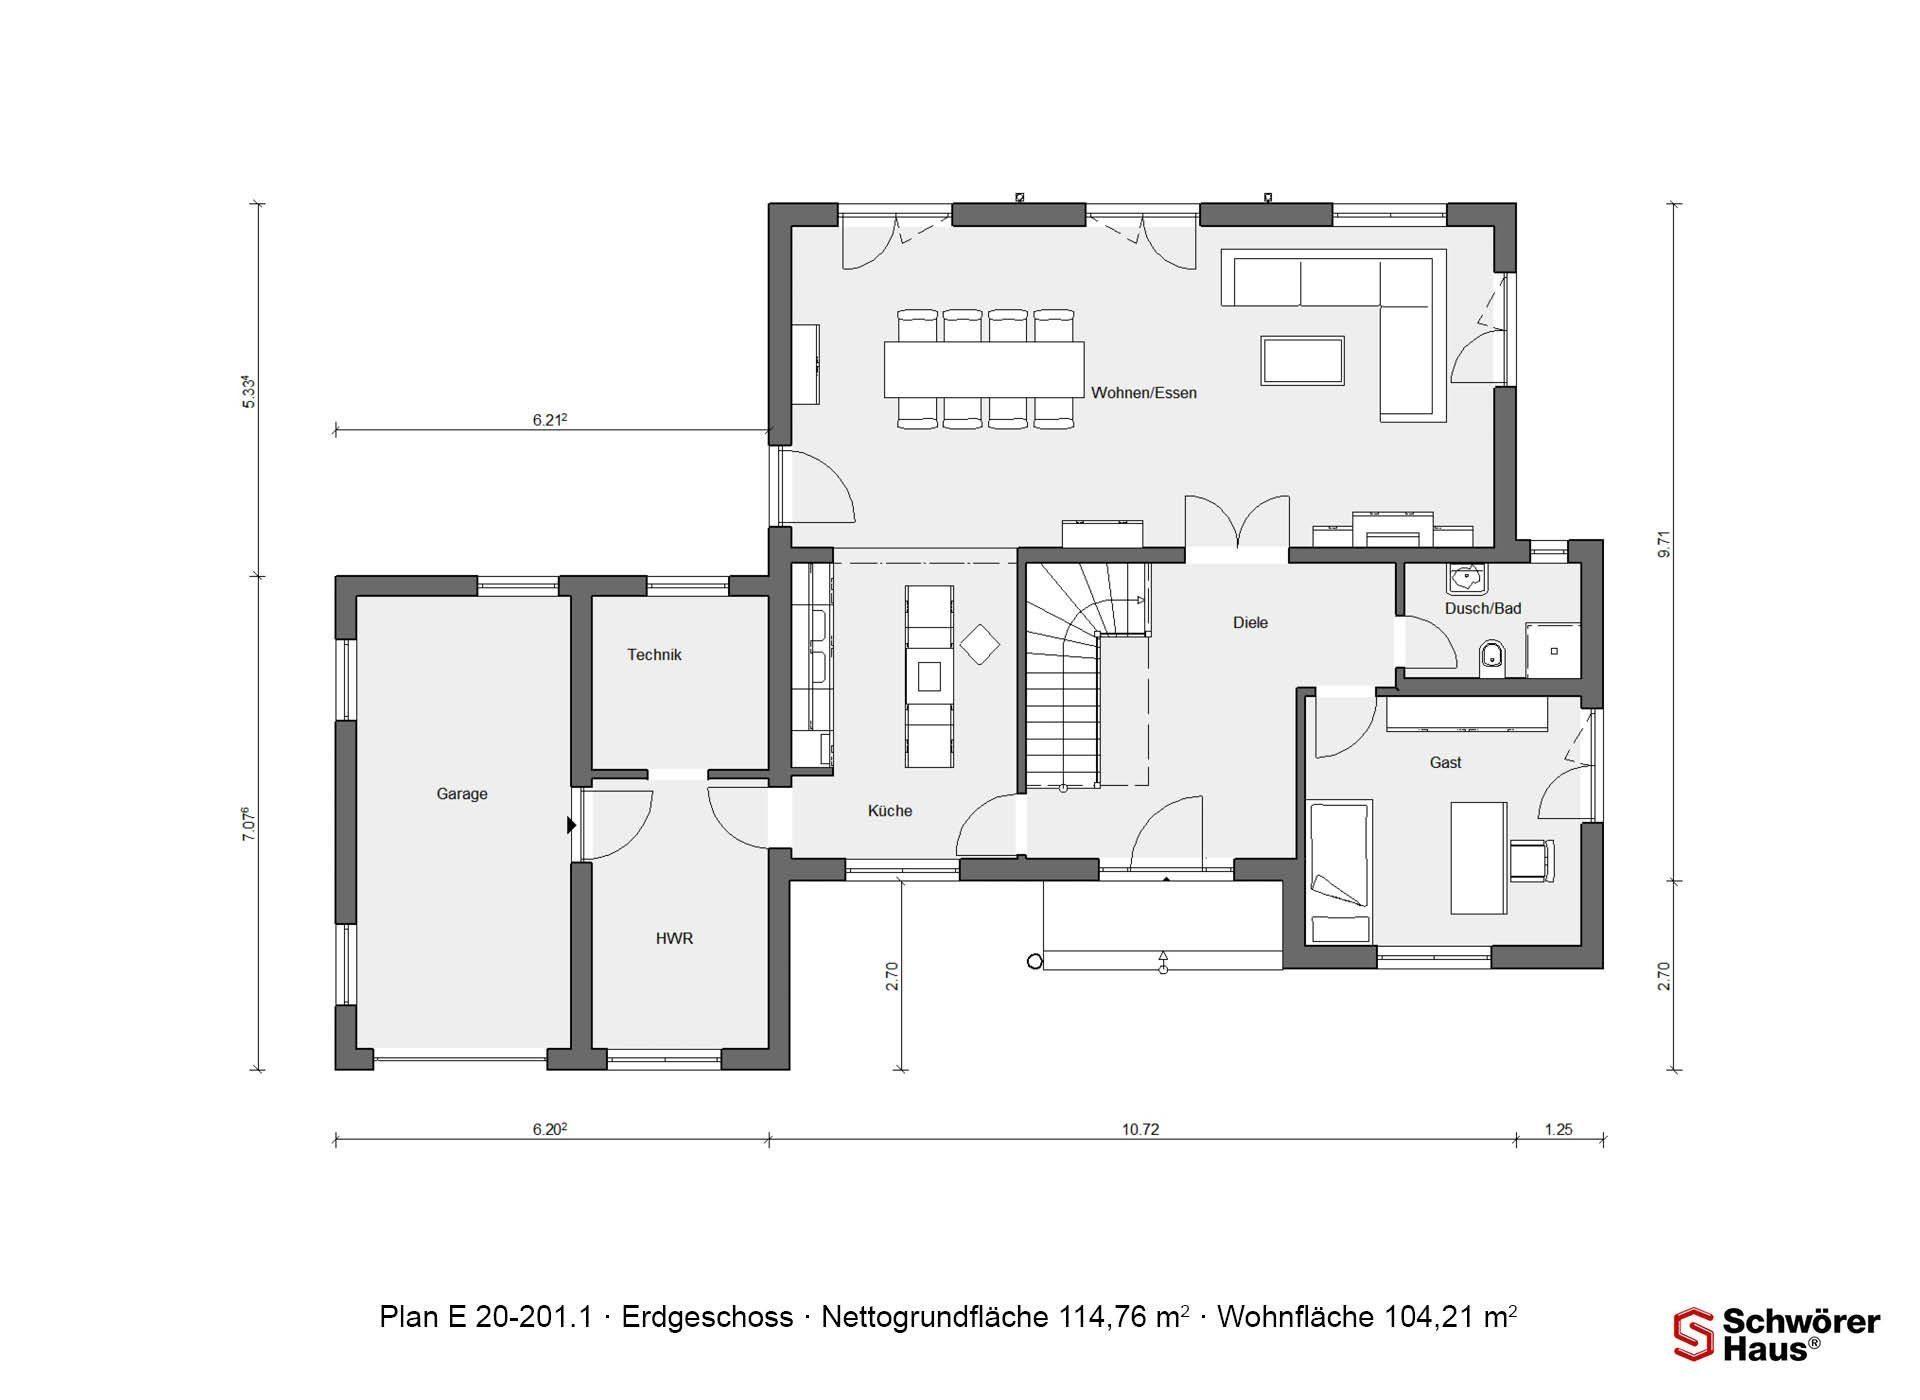 Plan E 20-182.1 - Eine Nahaufnahme eines Geräts - Gebäudeplan